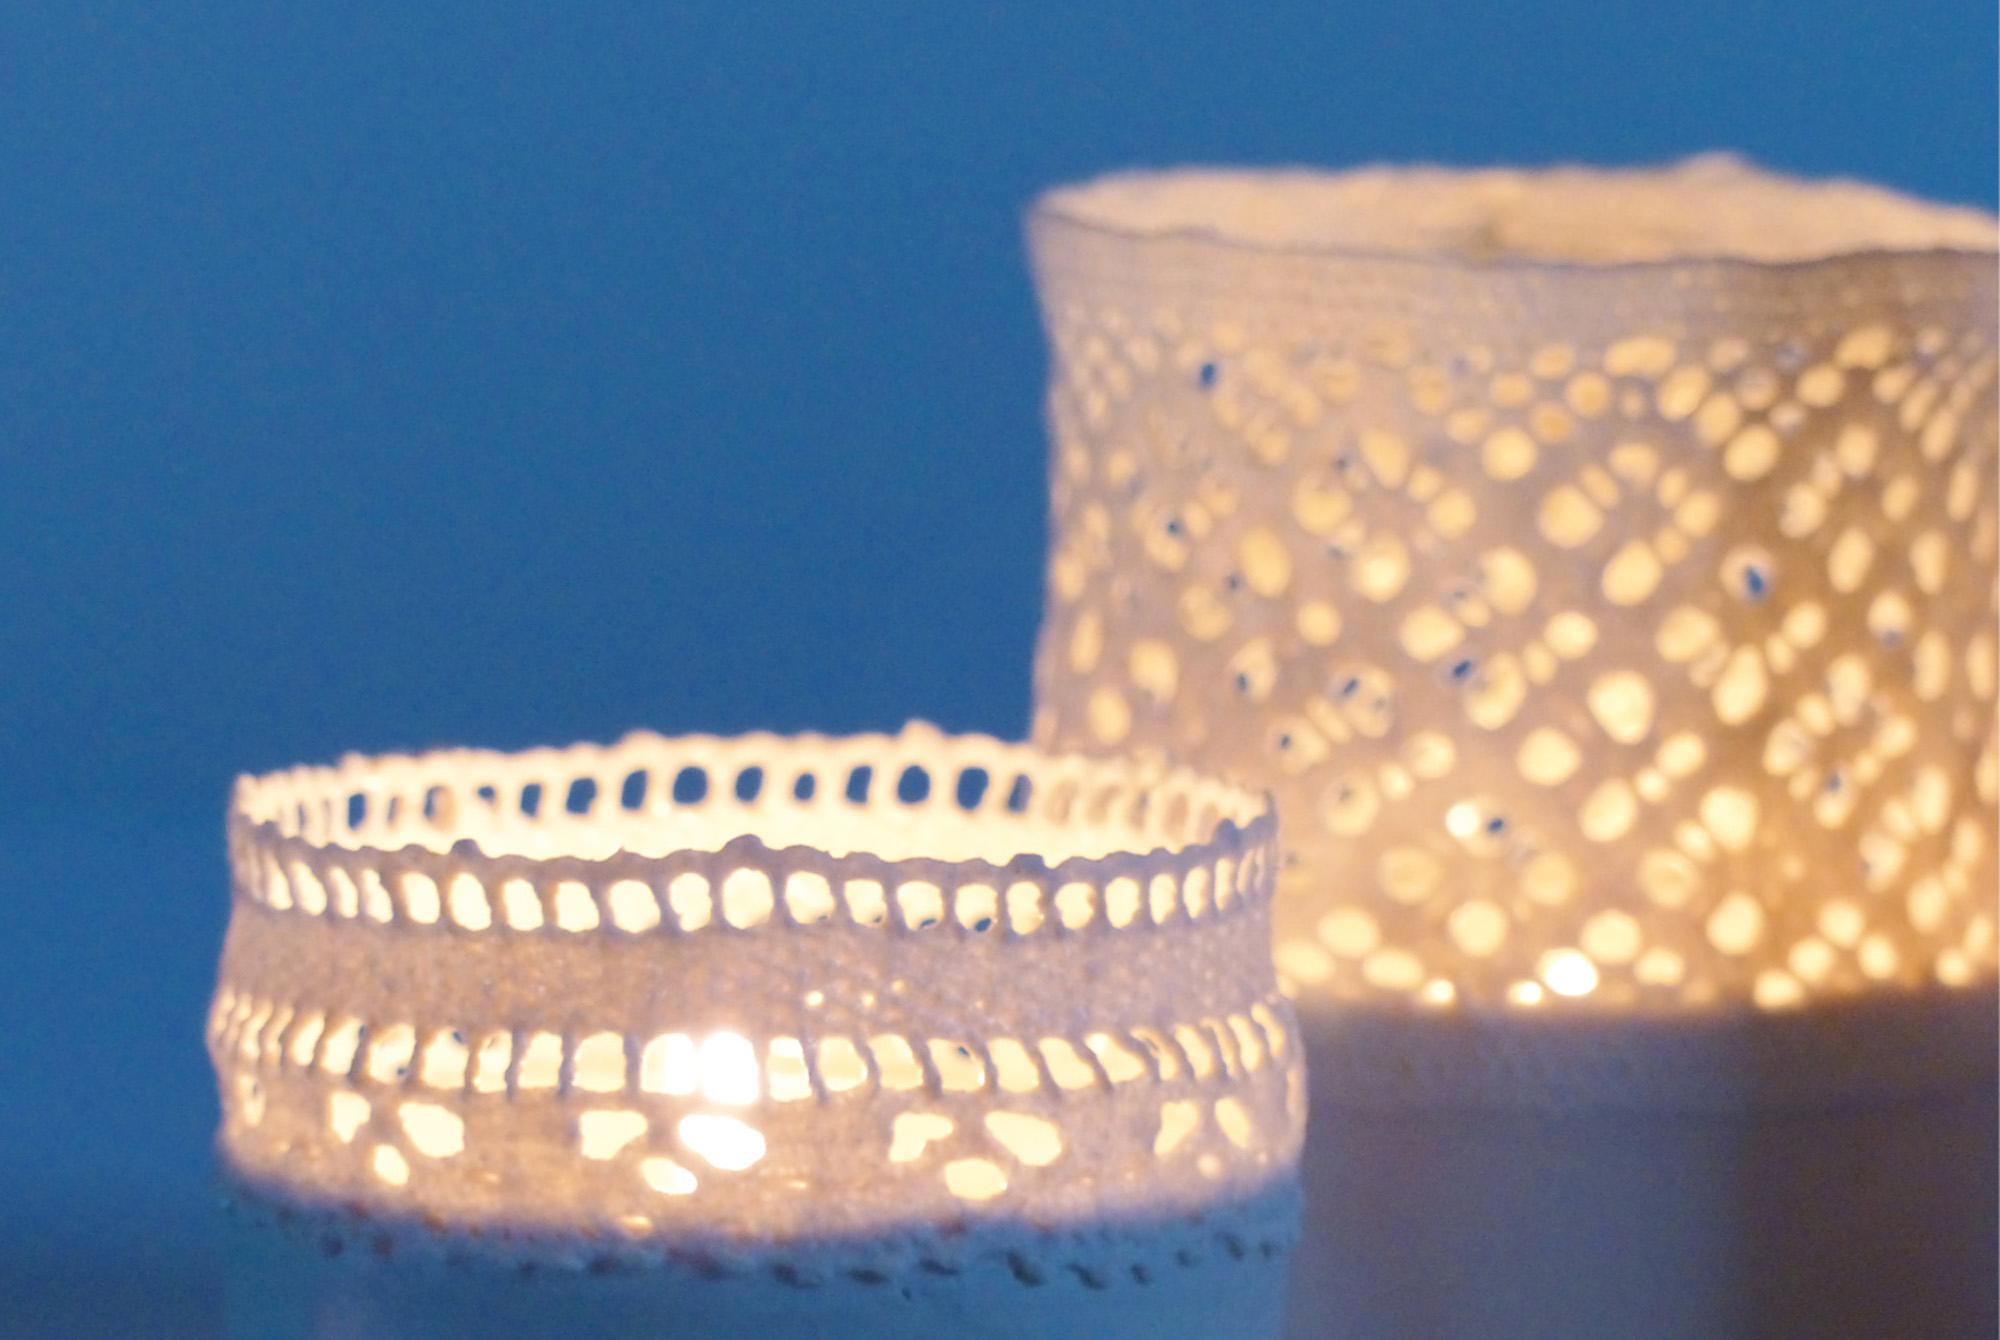 minicollection-tealights-c-studiokryszewski.jpg